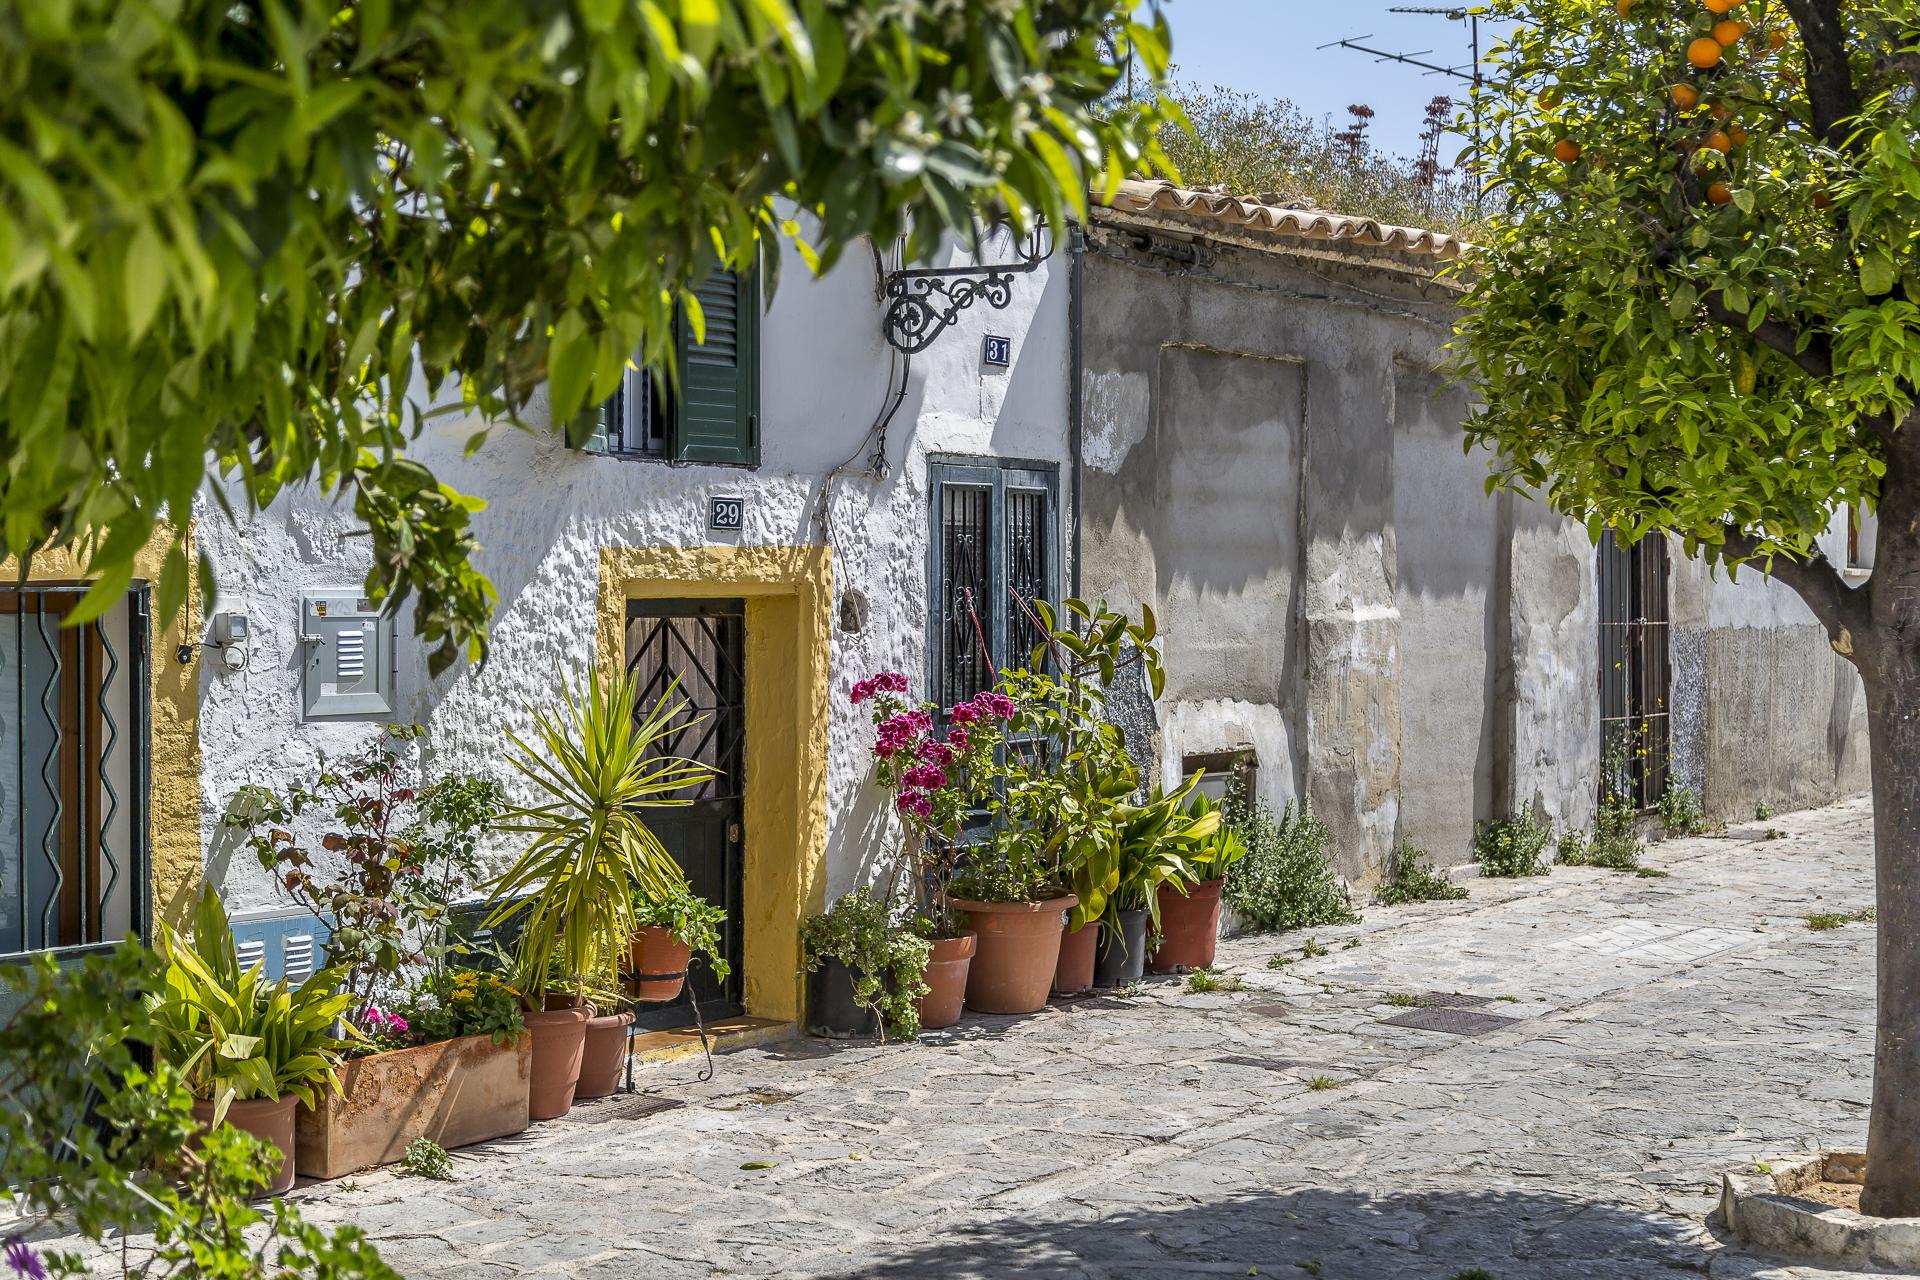 Reiseguide ein tag in palma de mallorca reisetipps - Muebles baratos palma de mallorca ...